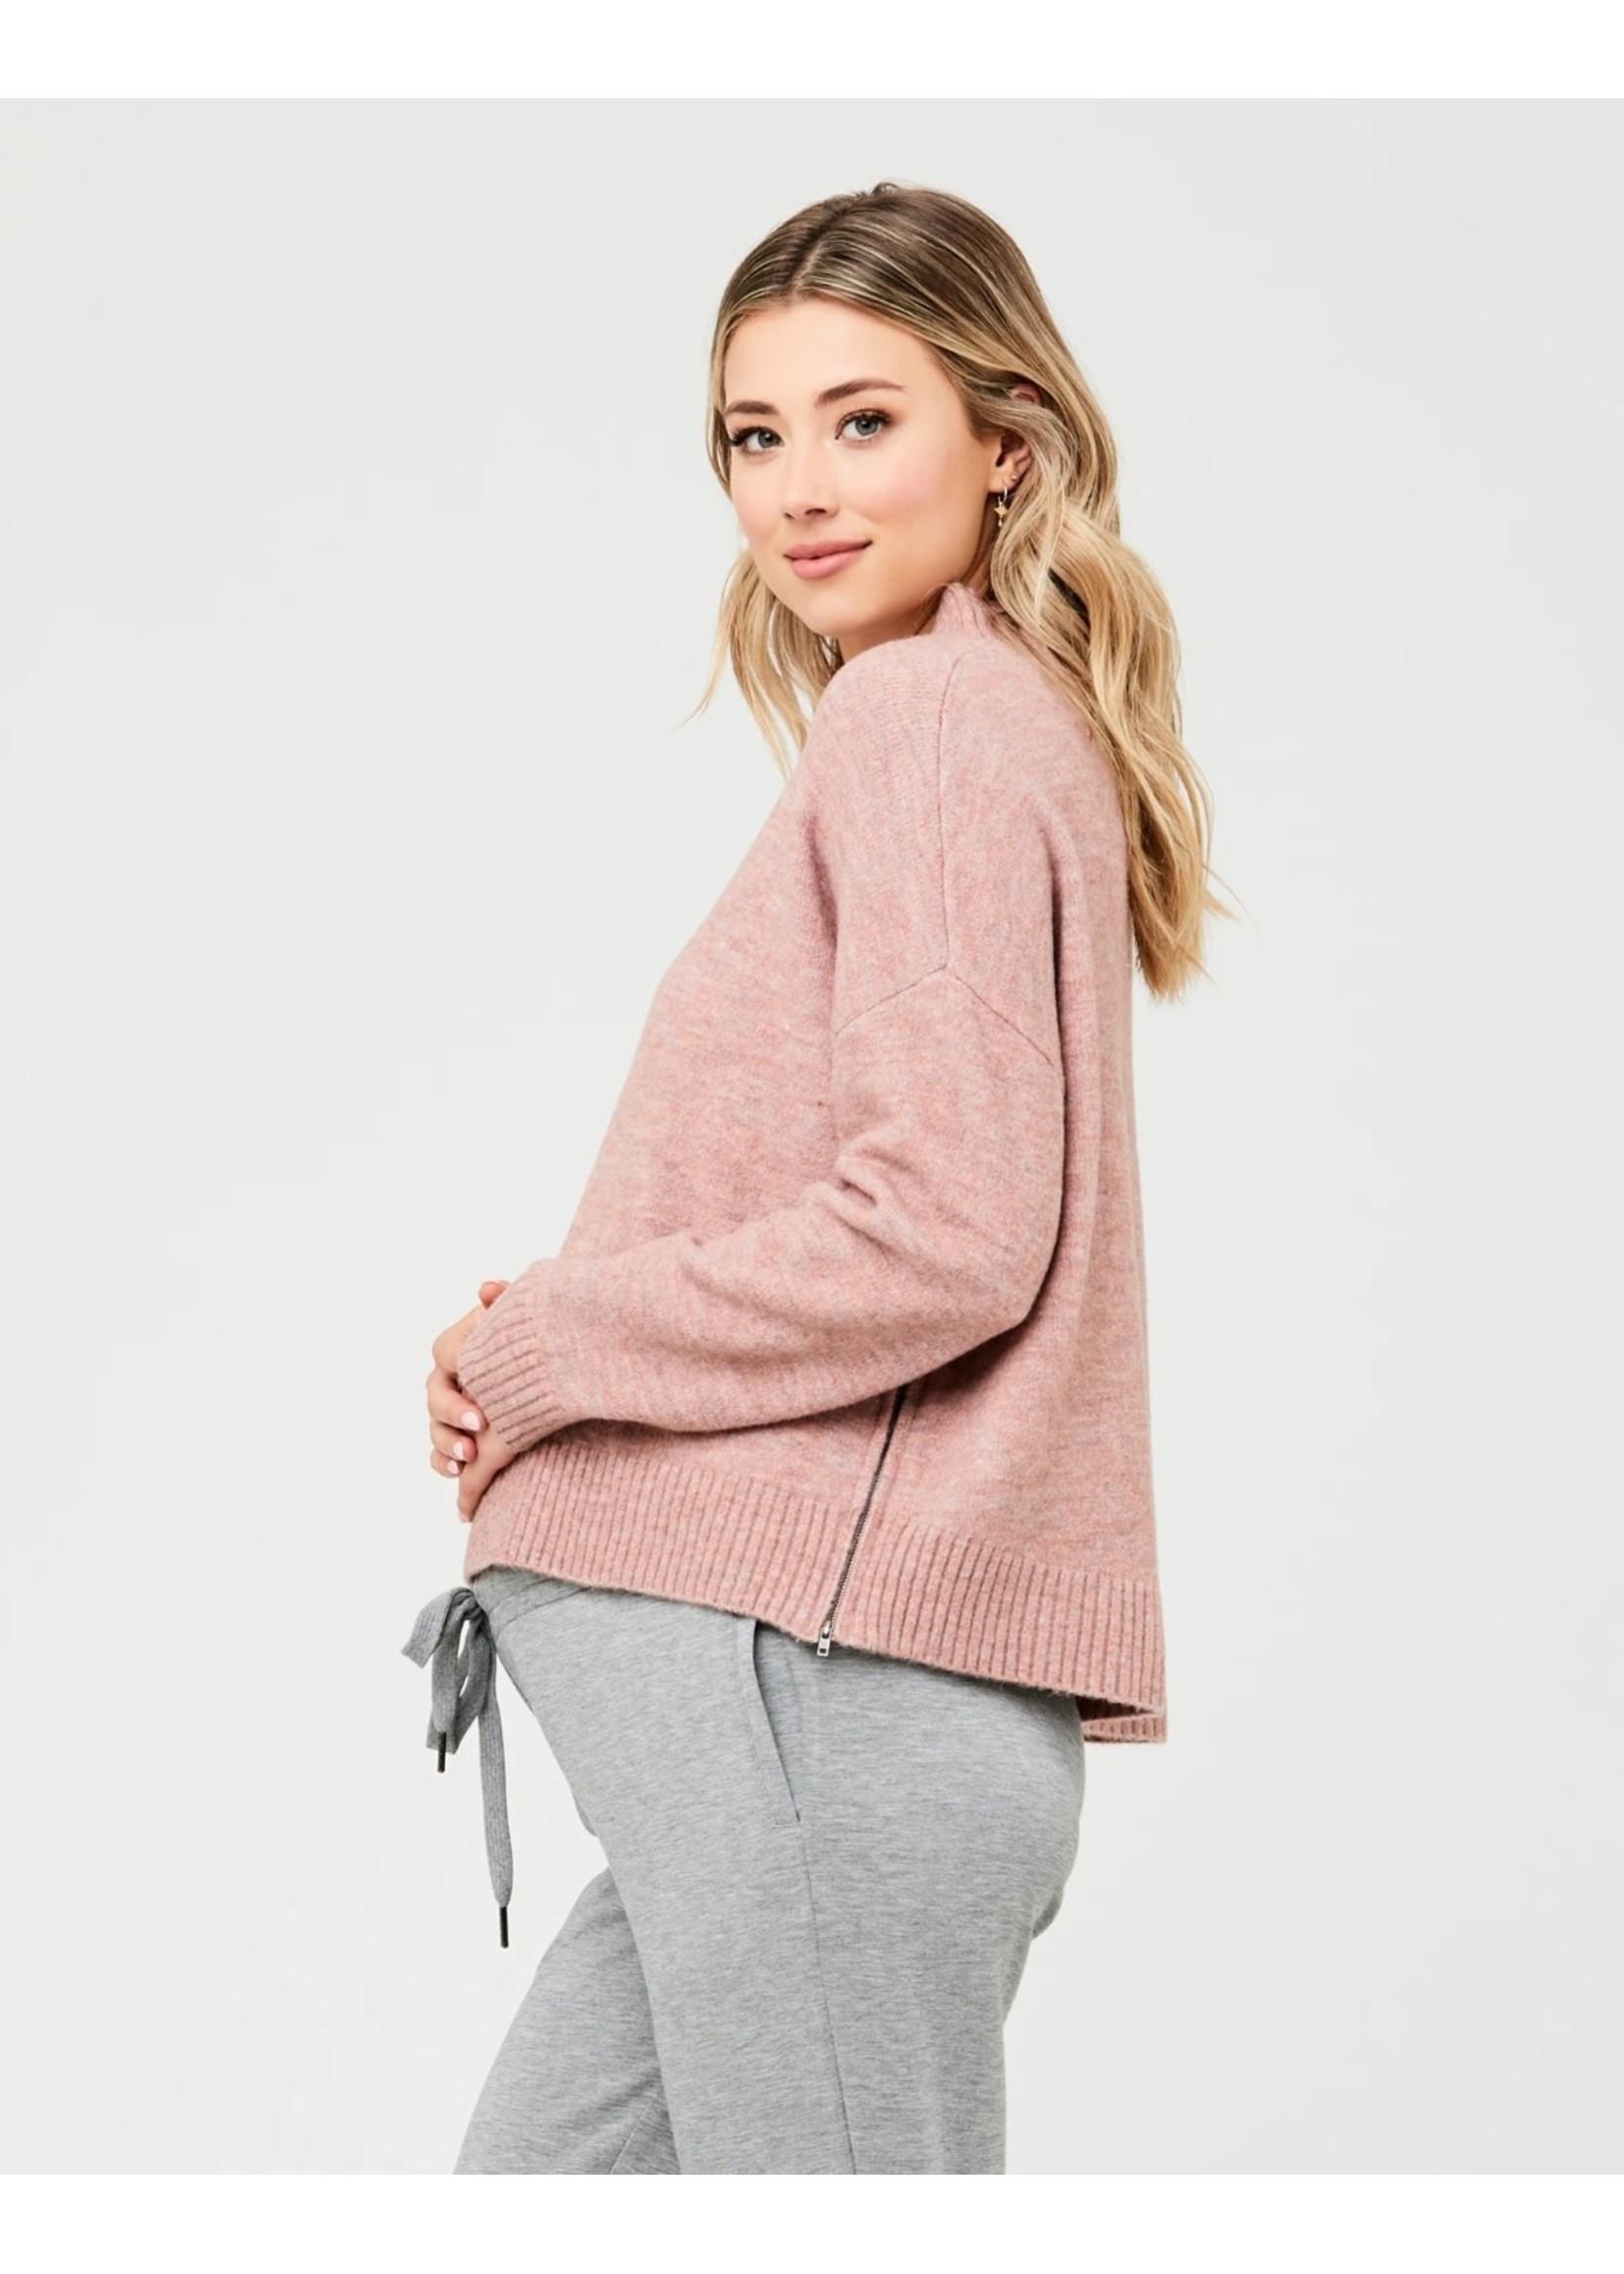 Ripe Maternity RIpe Maternity, Jade Crop Nursing Knit in Dusty Pink